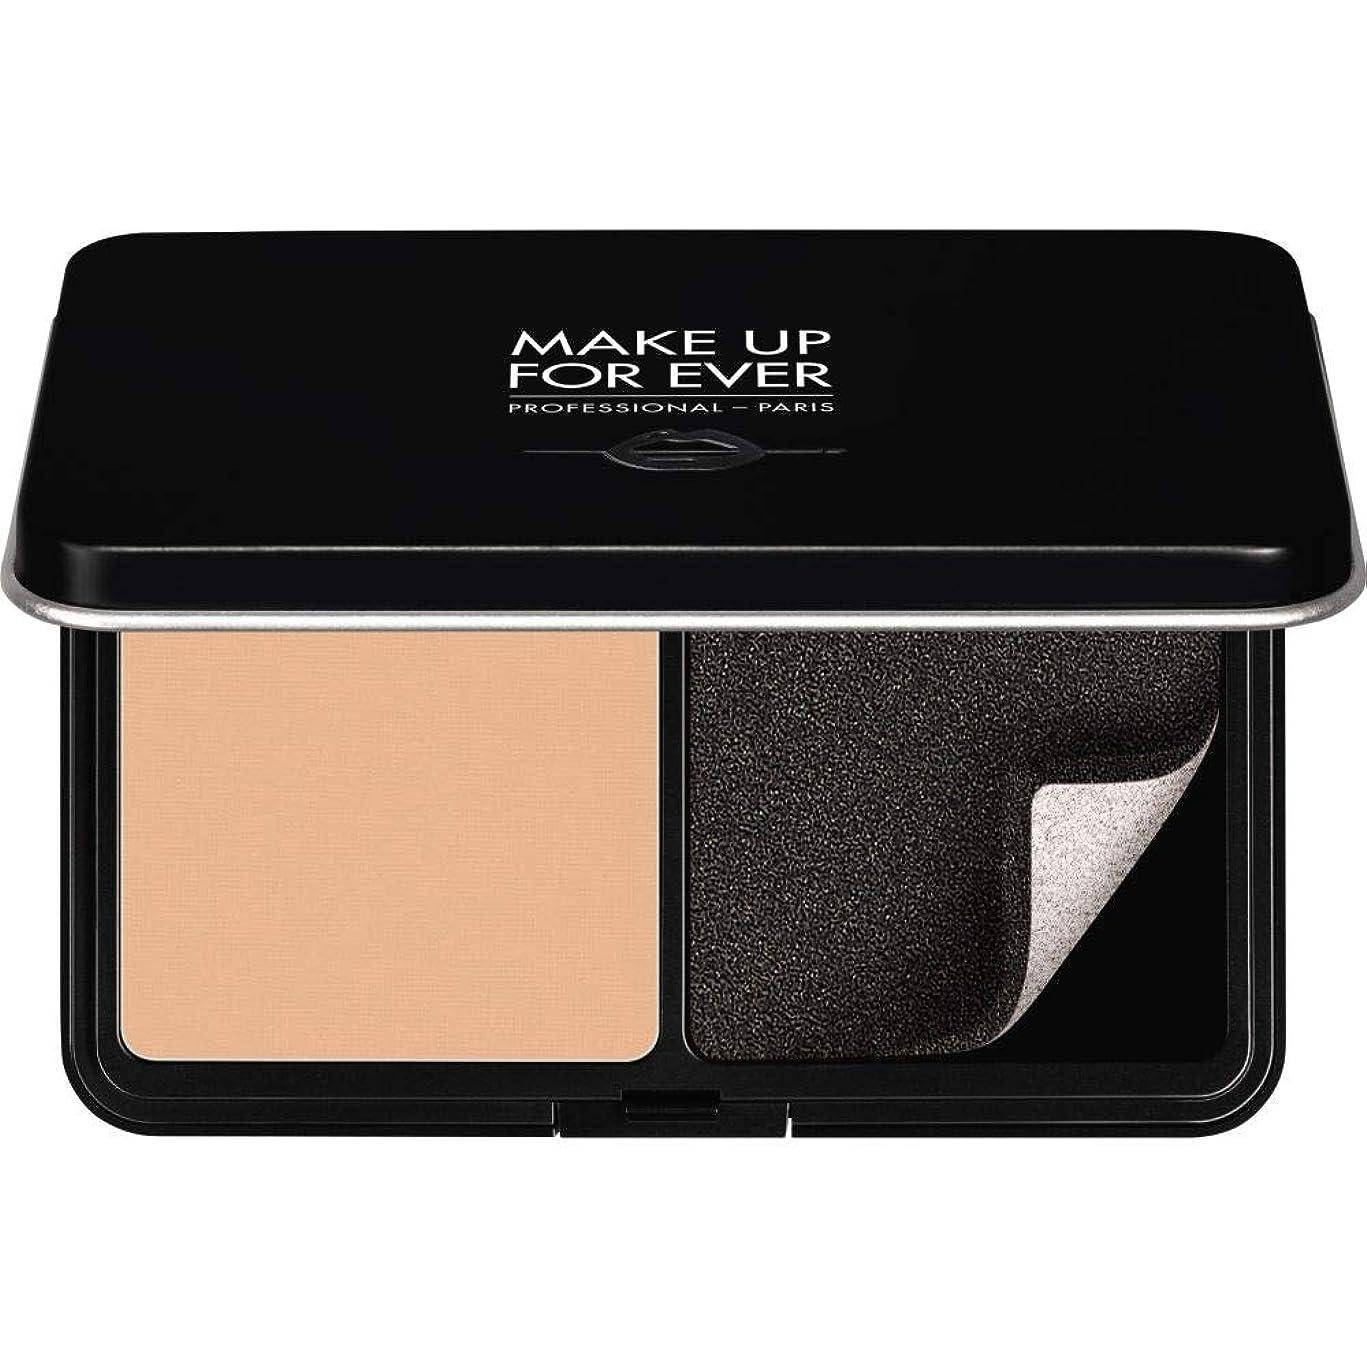 ピッチャーもろい無駄な[MAKE UP FOR EVER ] パウダーファンデーション11GののR230をぼかし、これまでマットベルベットの肌を補う - アイボリー - MAKE UP FOR EVER Matte Velvet Skin Blurring Powder Foundation 11g R230 - Ivory [並行輸入品]